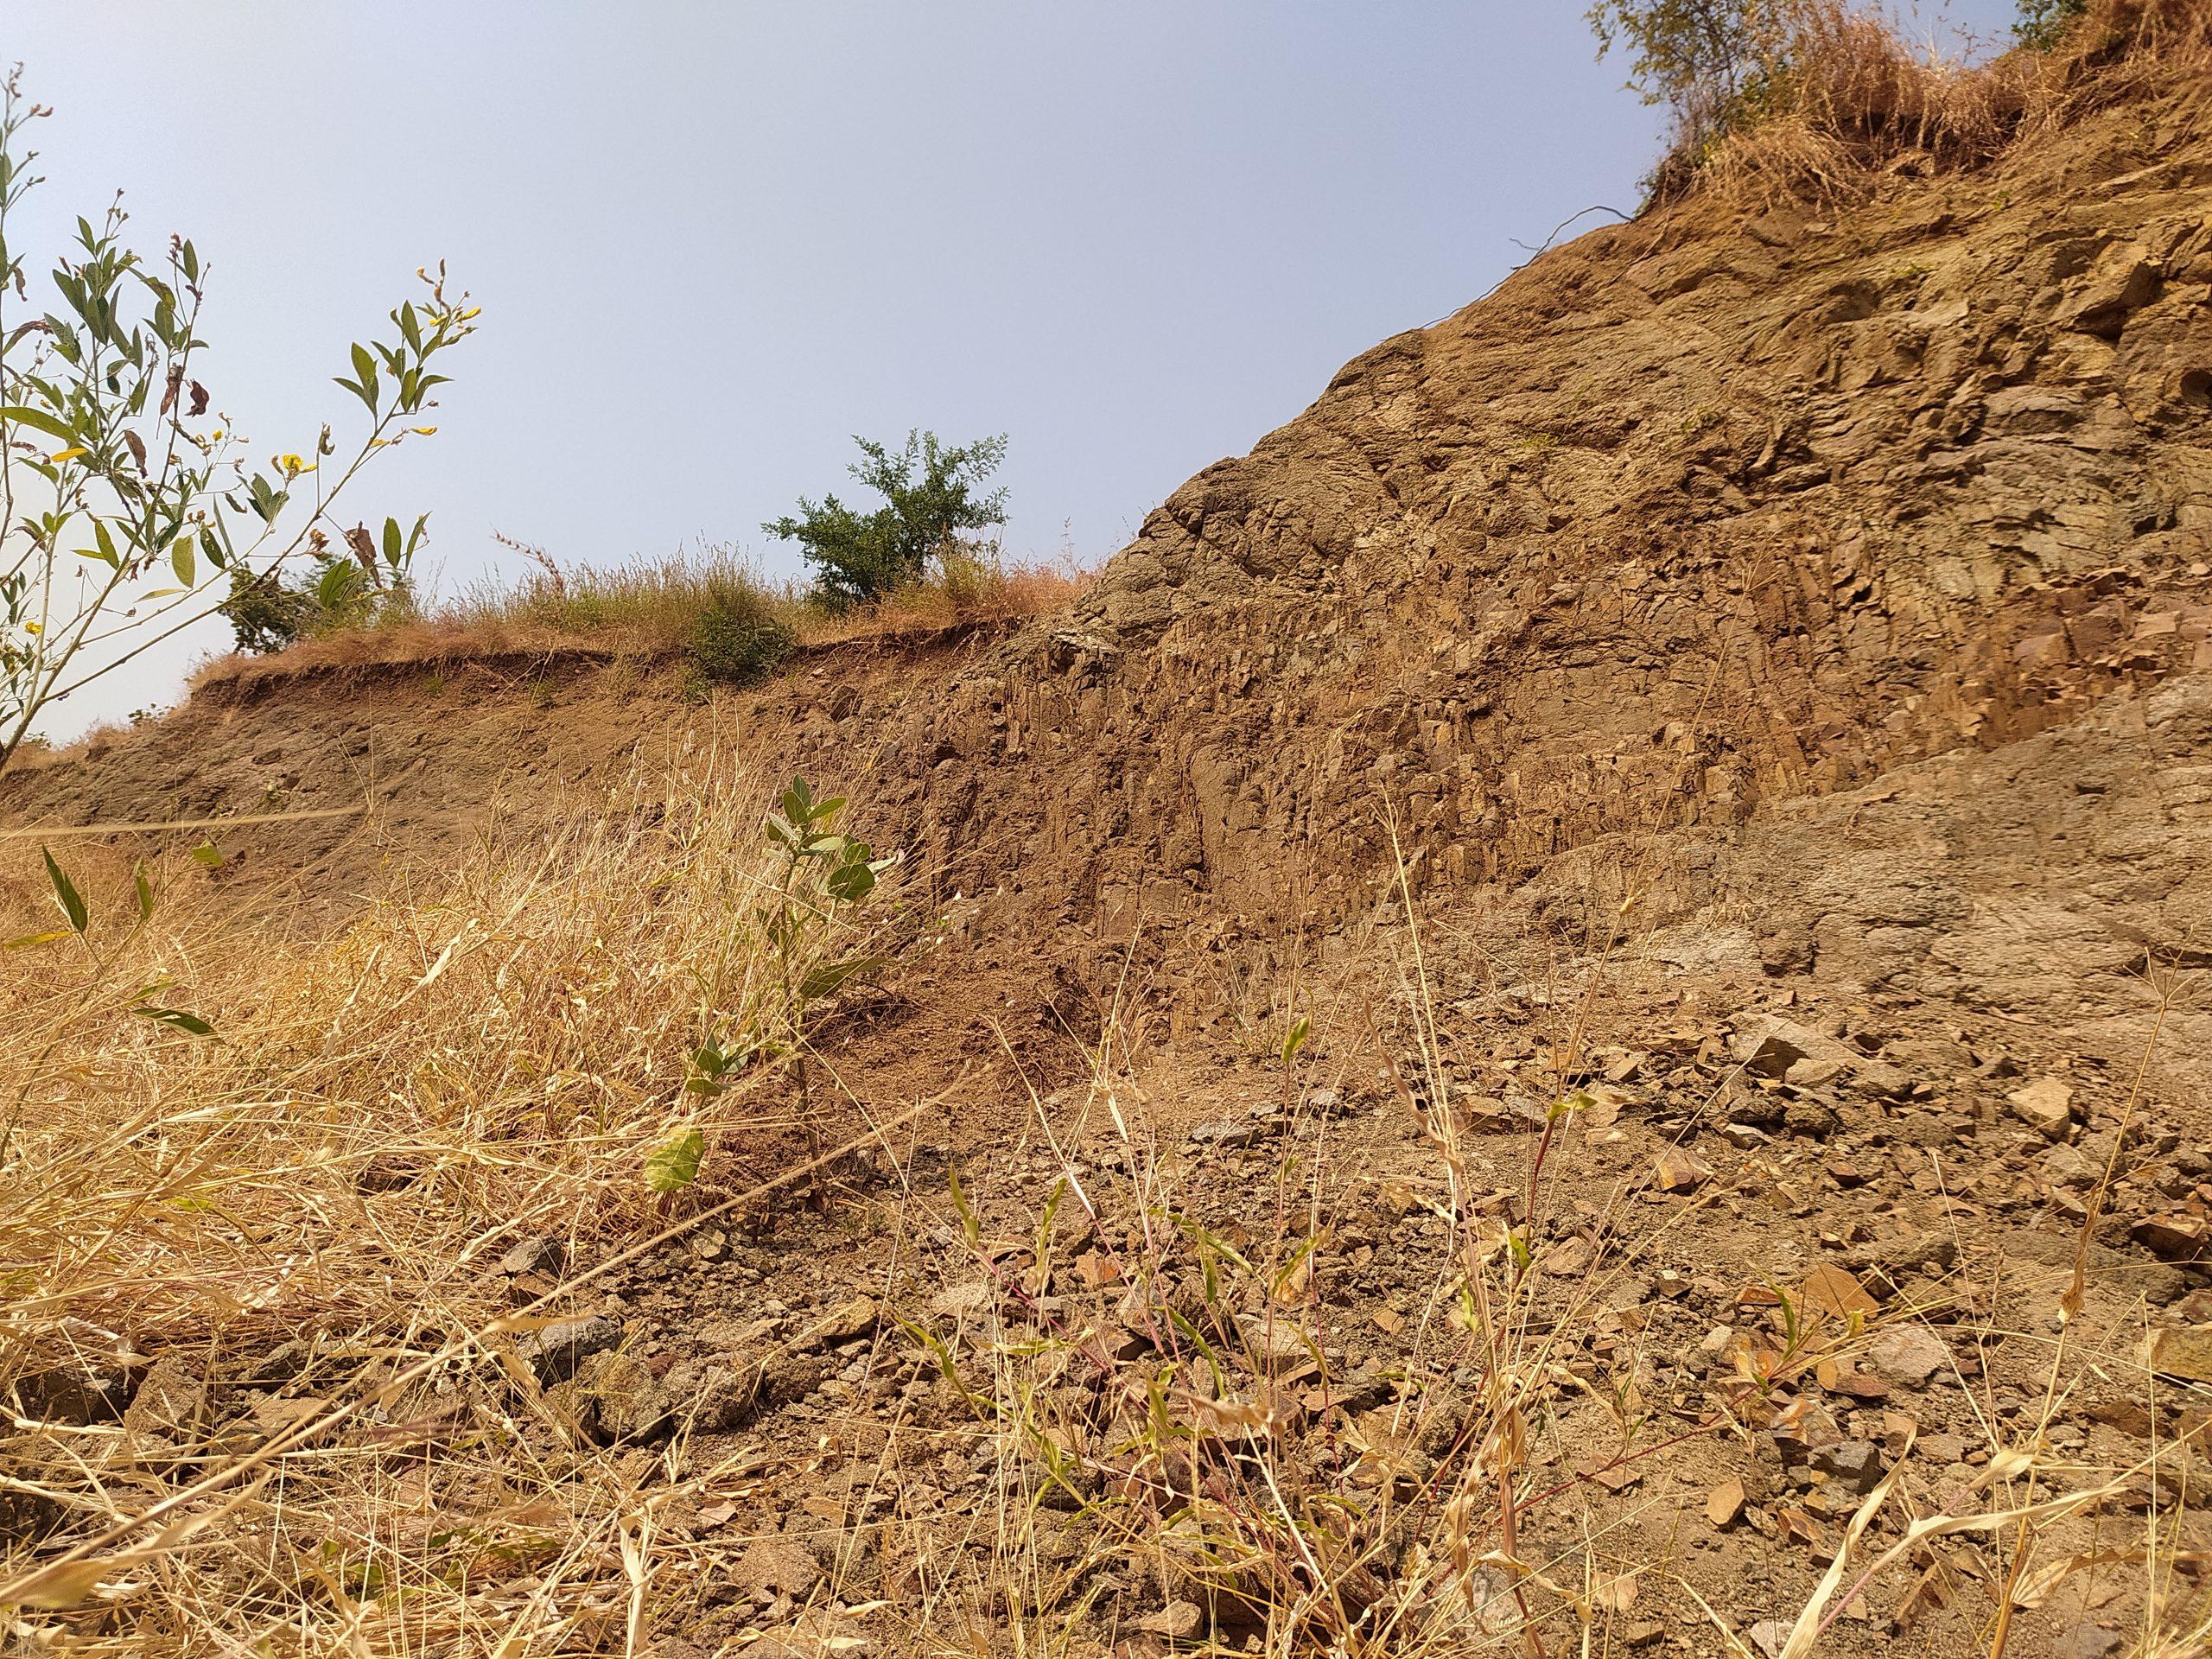 Landslide on a hill